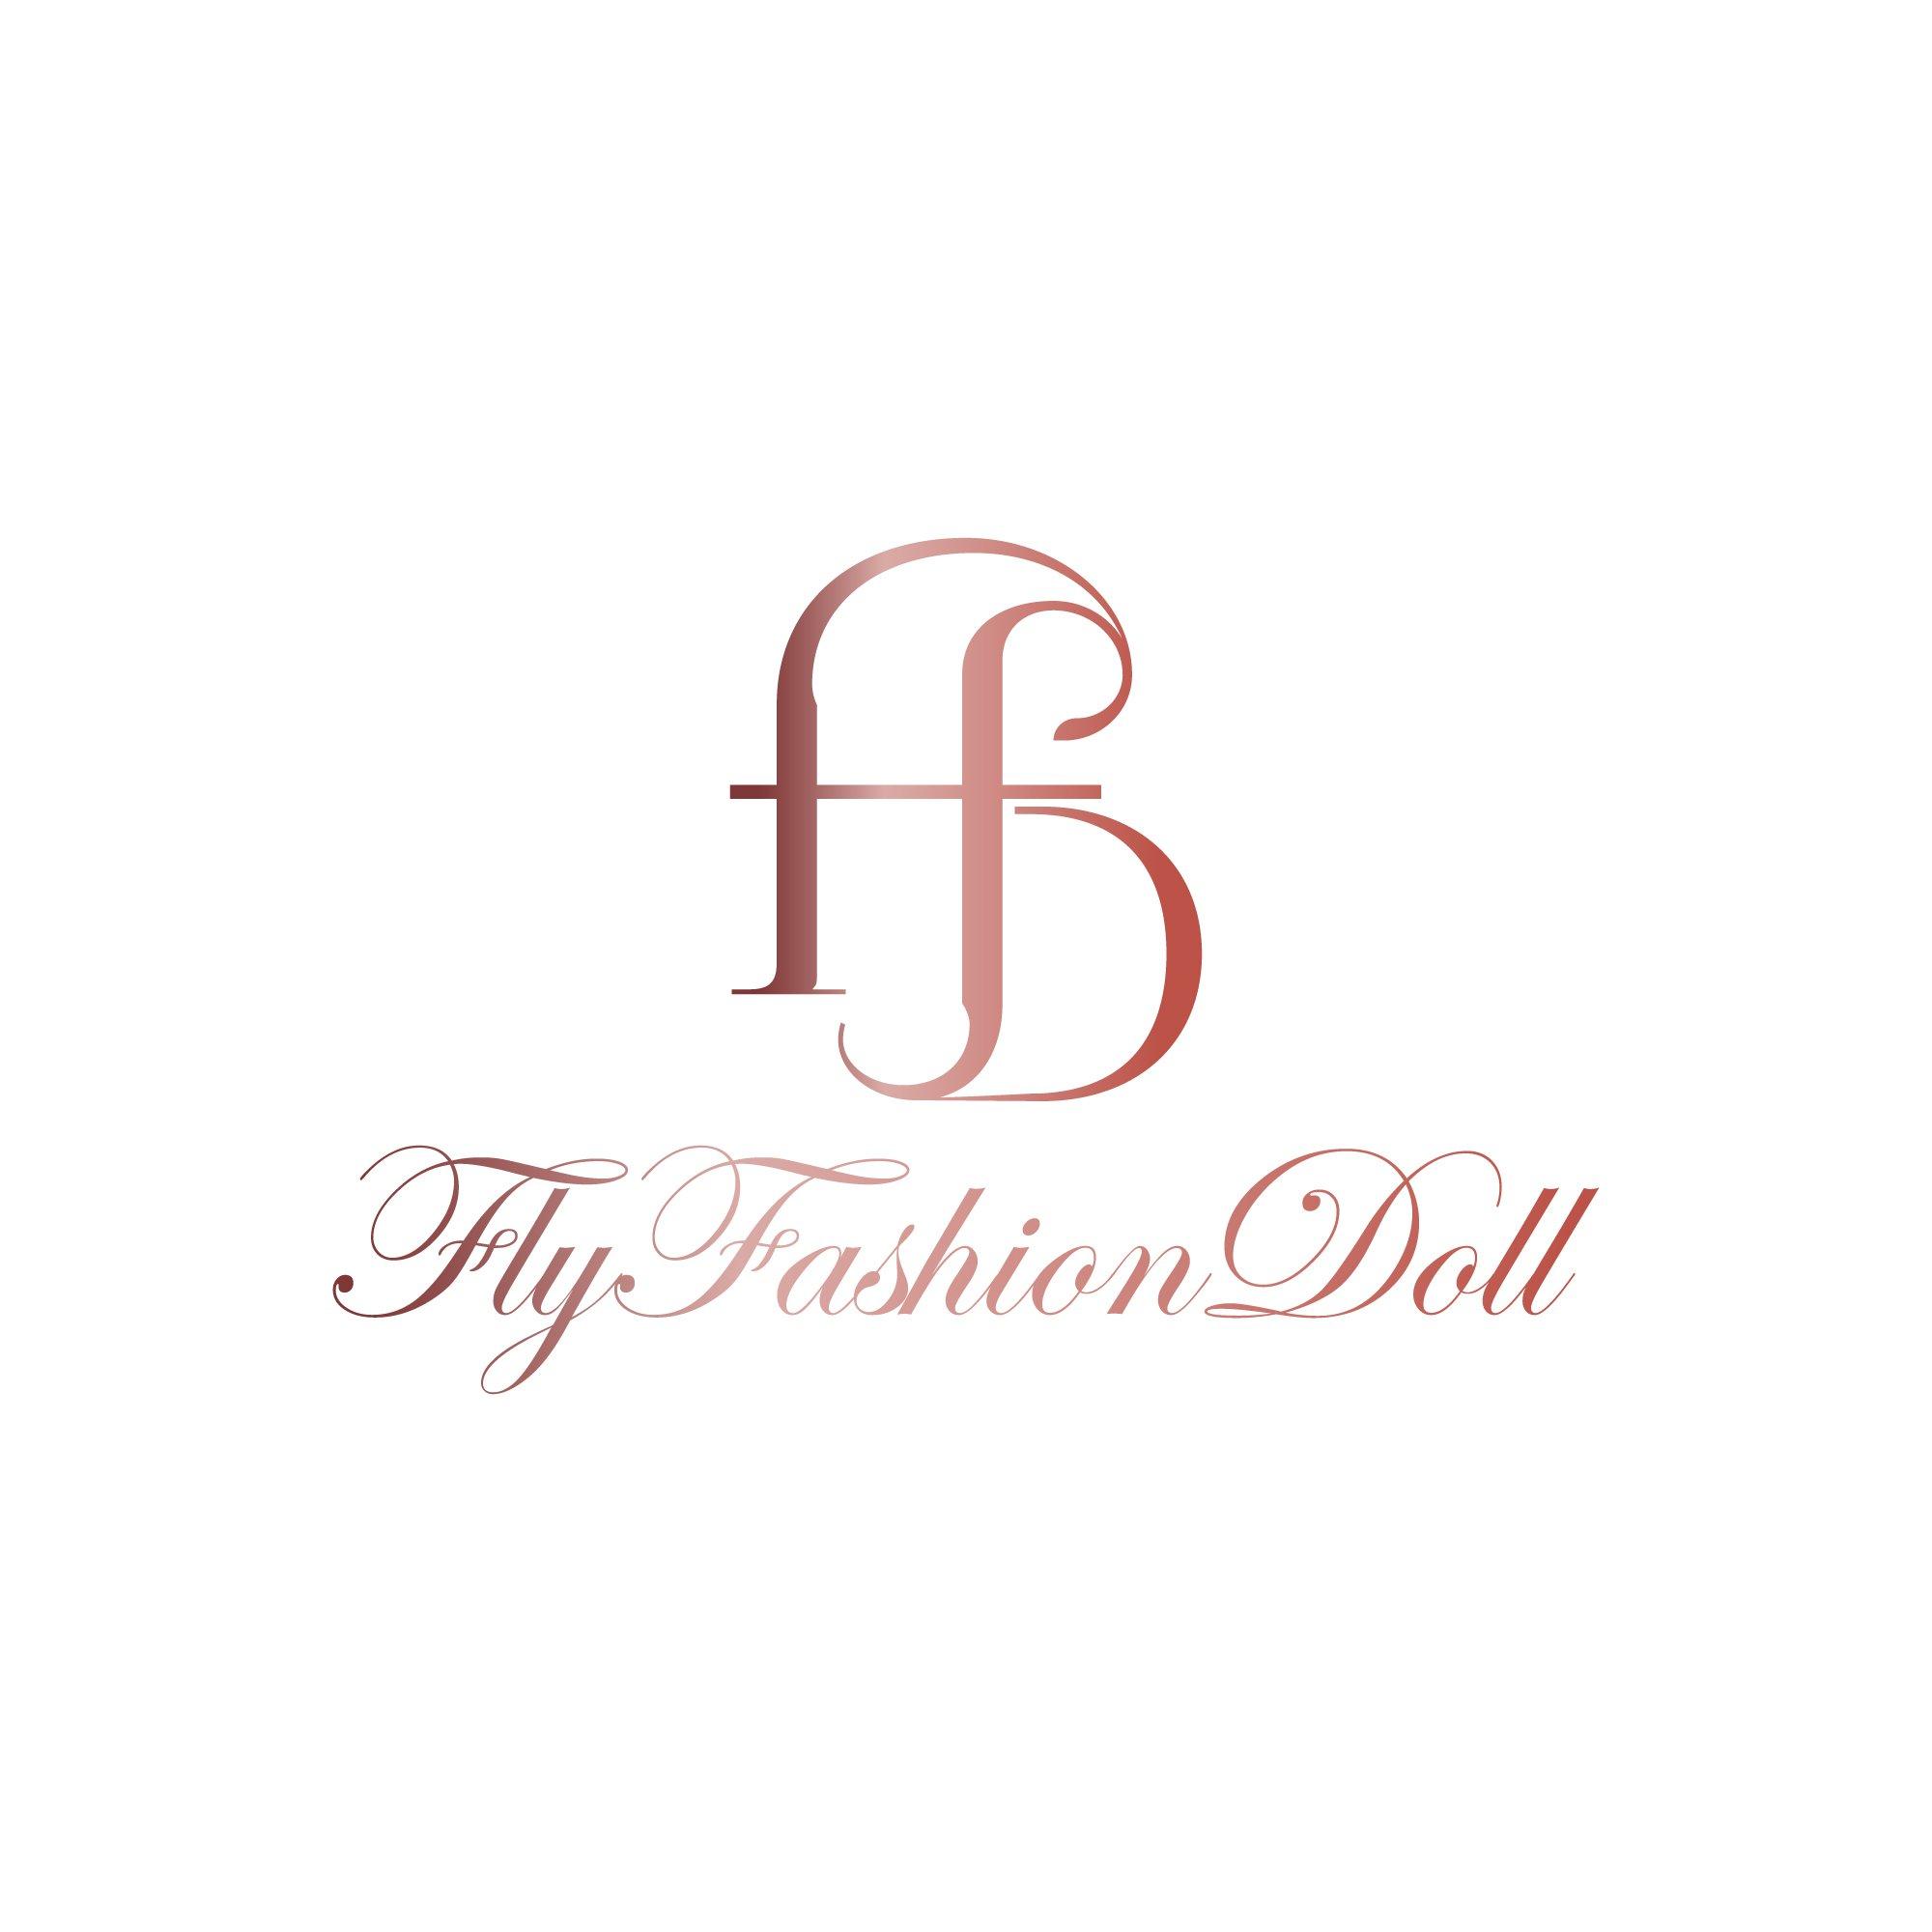 IG: @Flyfashiondoll